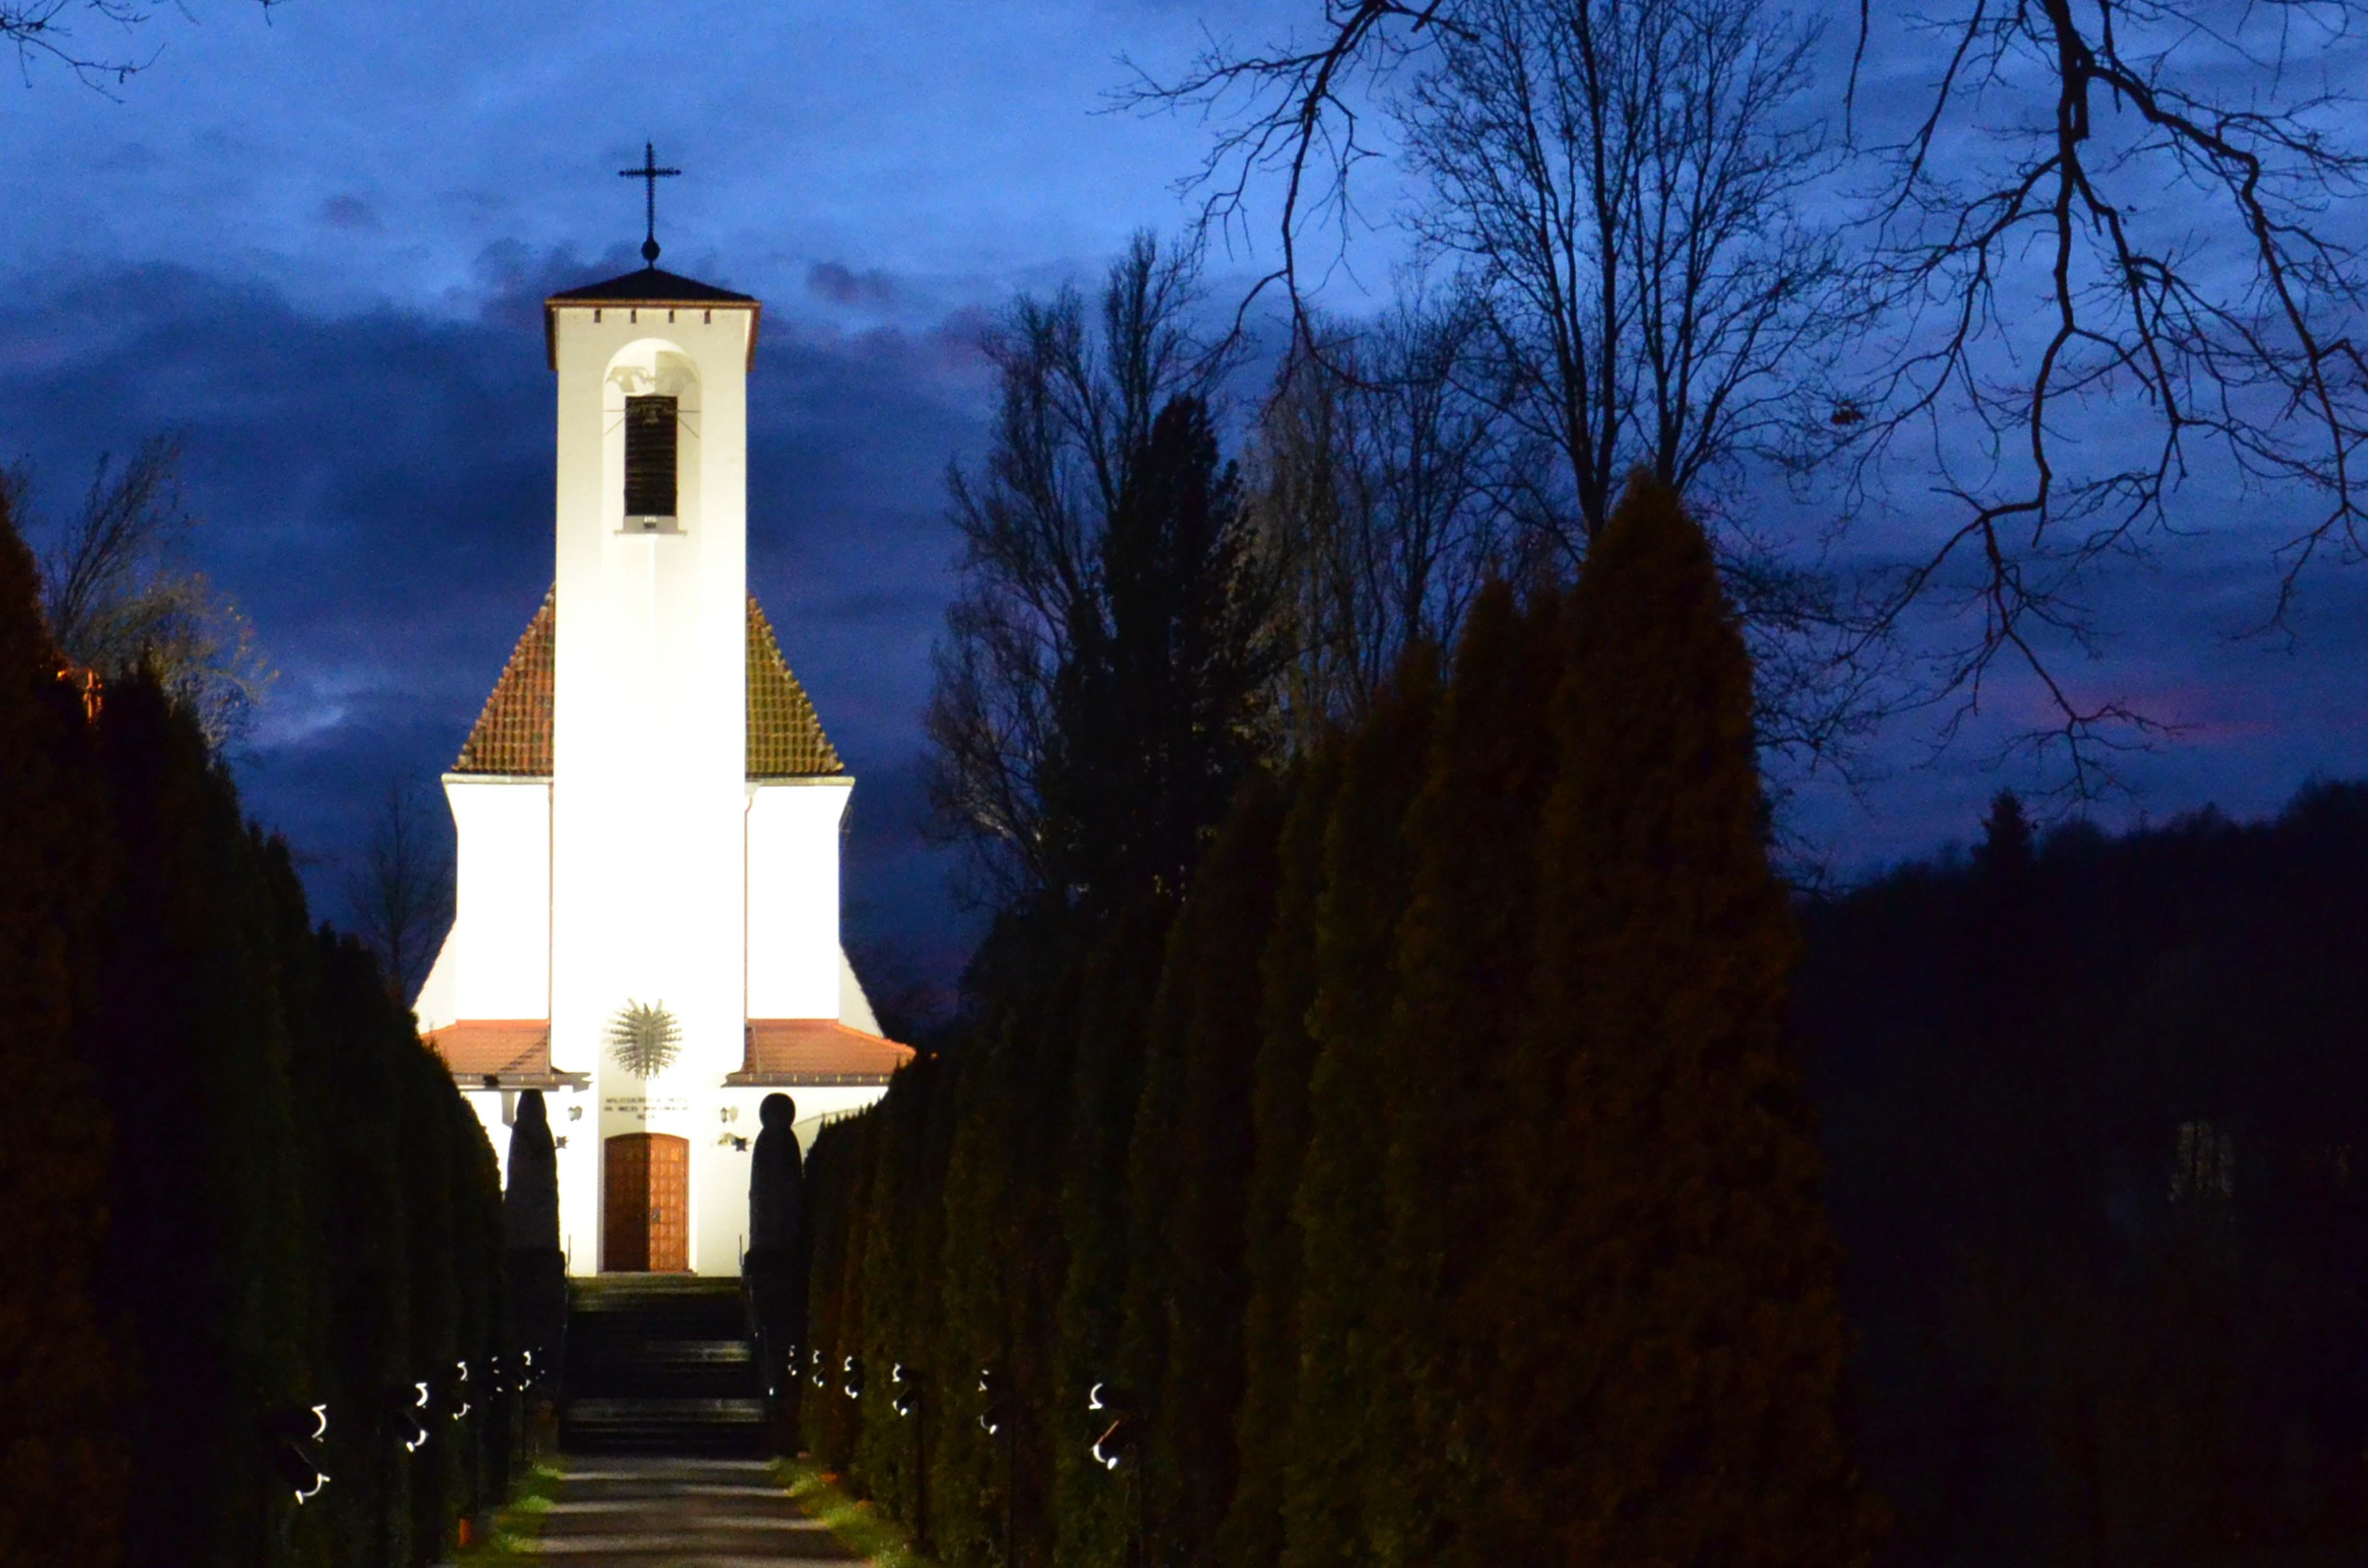 Oświetlenie kościoła i alejki